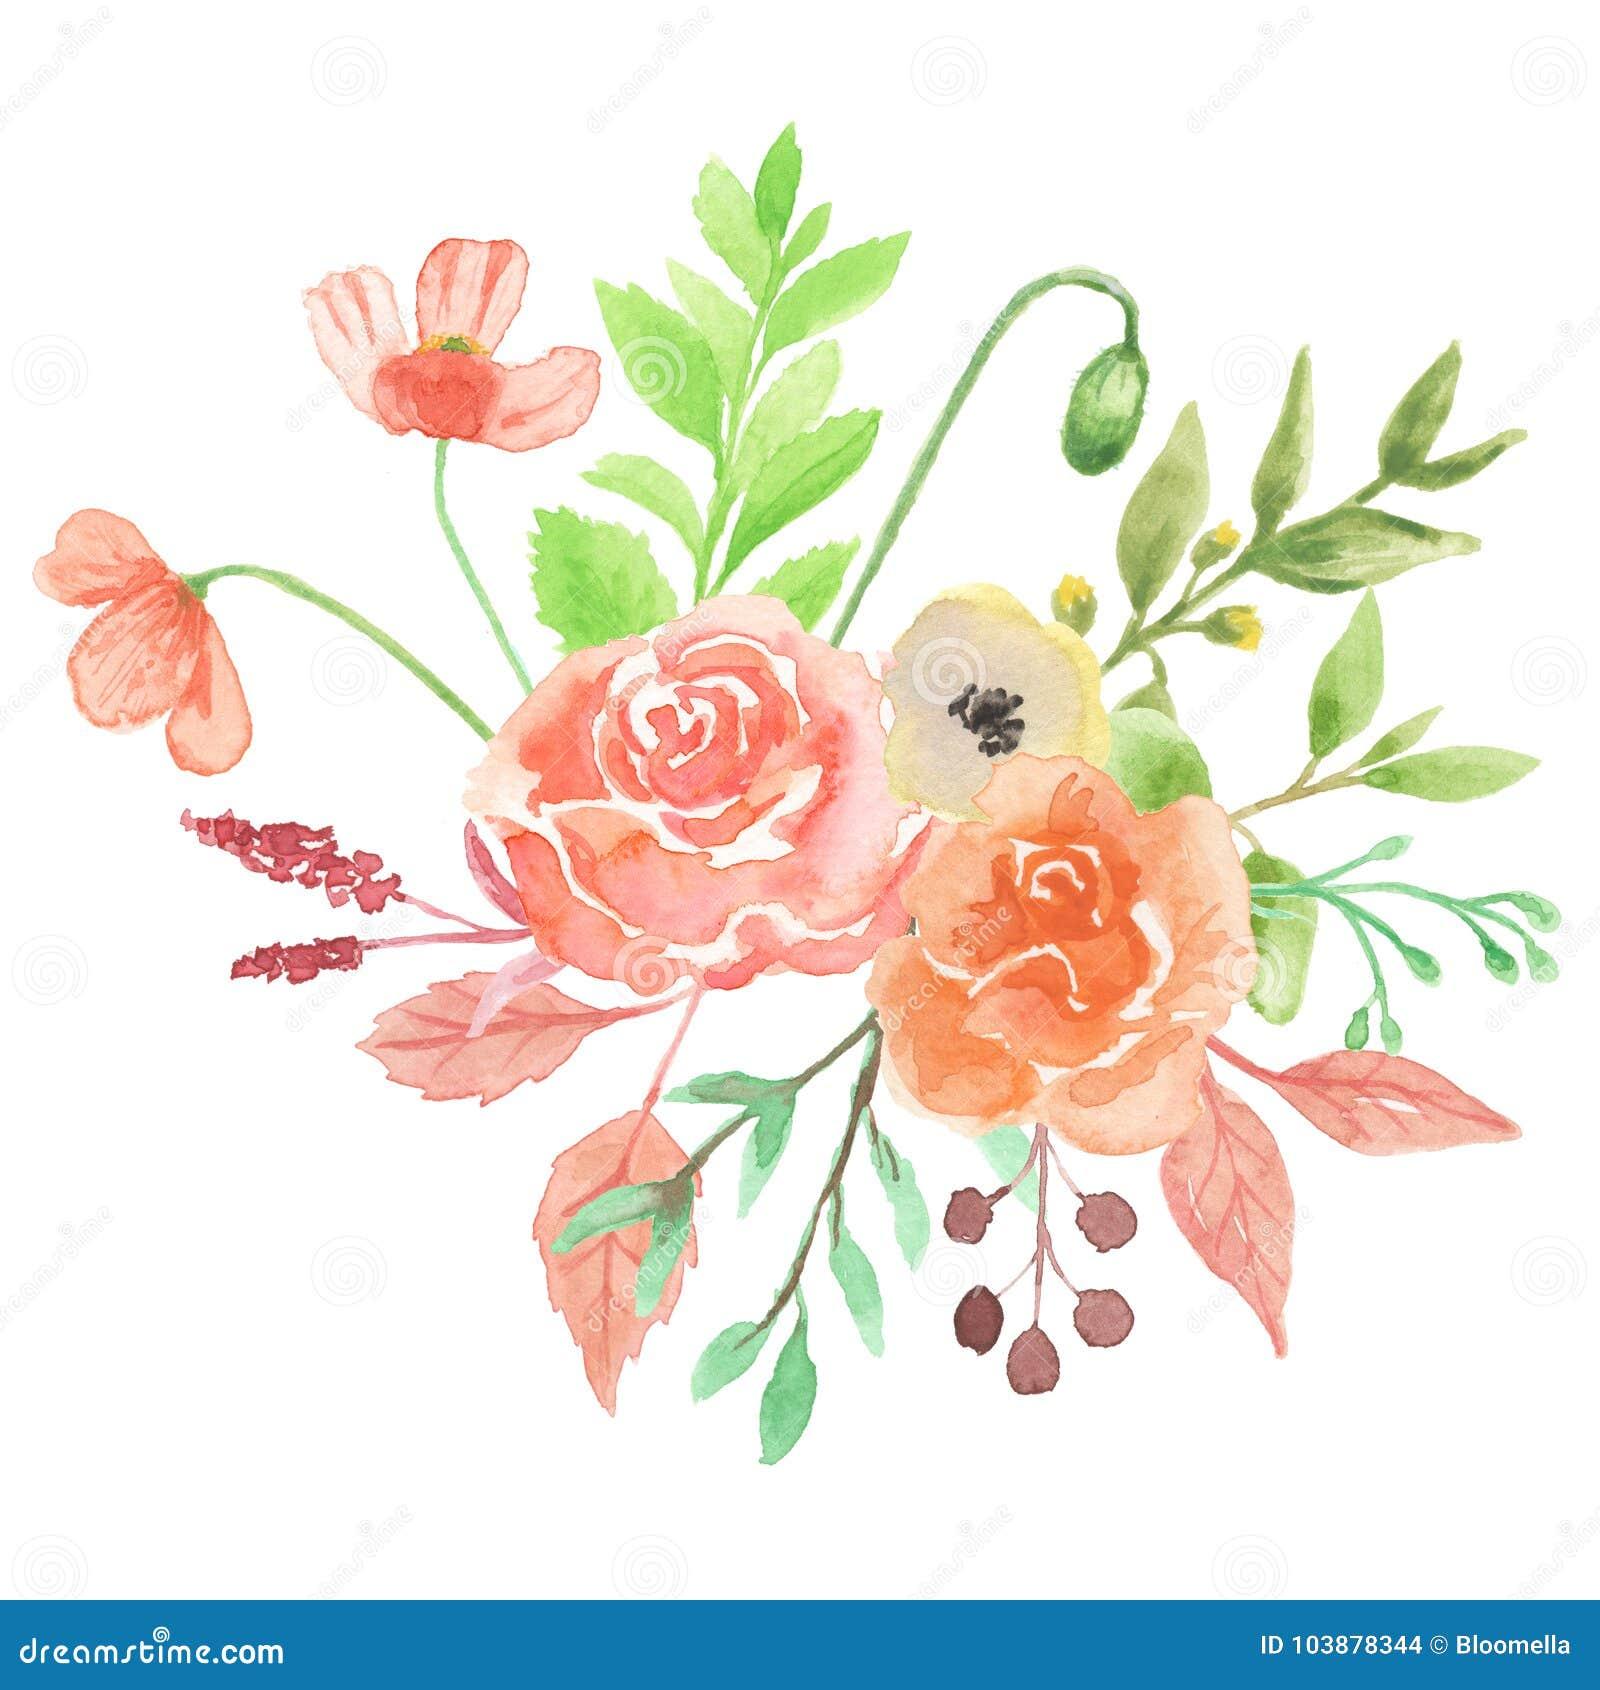 Watercolor Poppy Florals Bouquet Arrangement Pretty Wedding Flowers